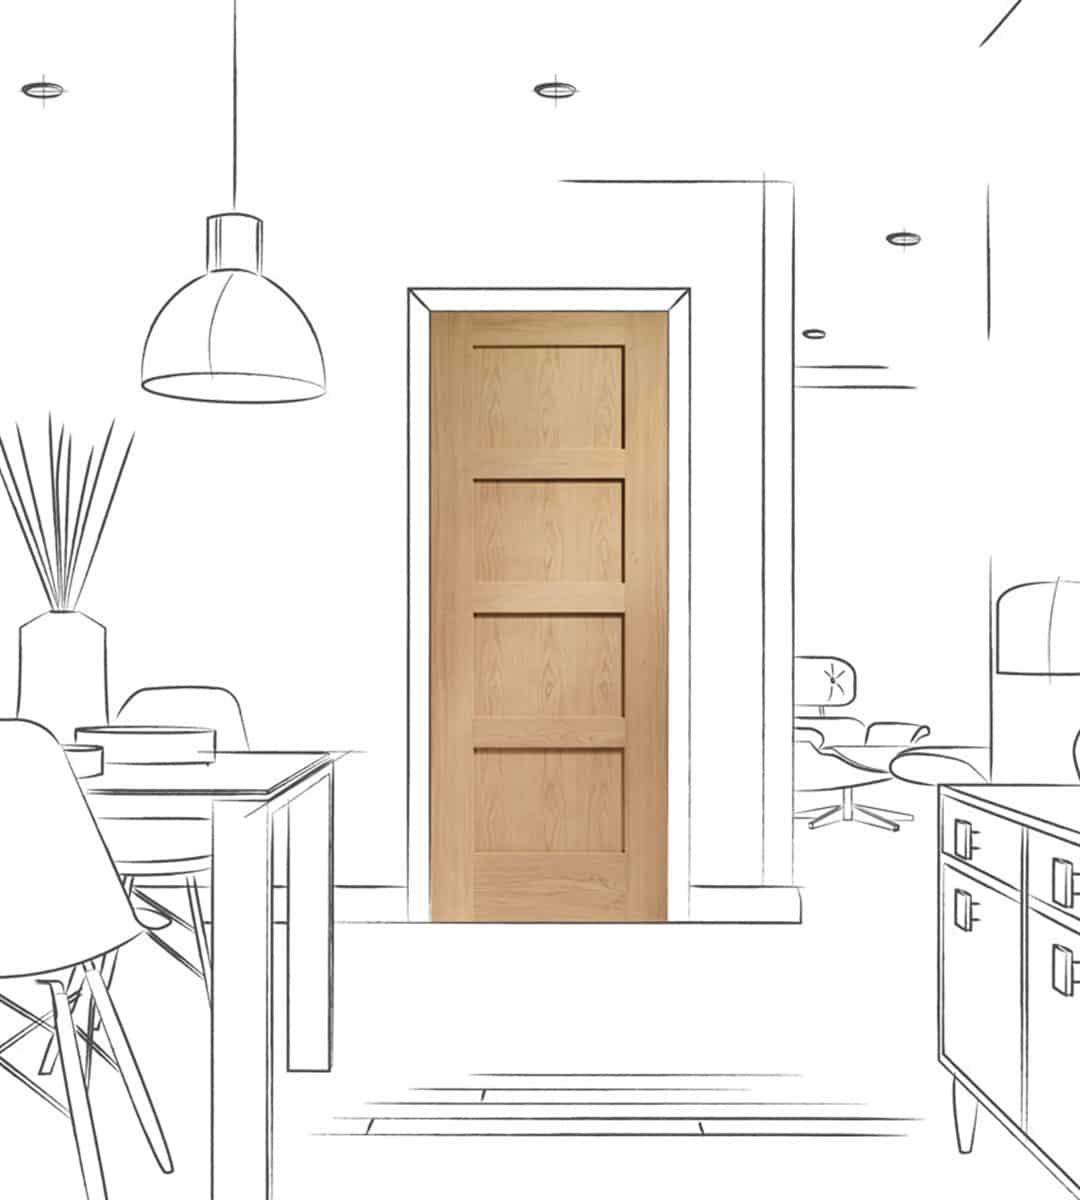 shaker internal oak 4 panel kitchen door